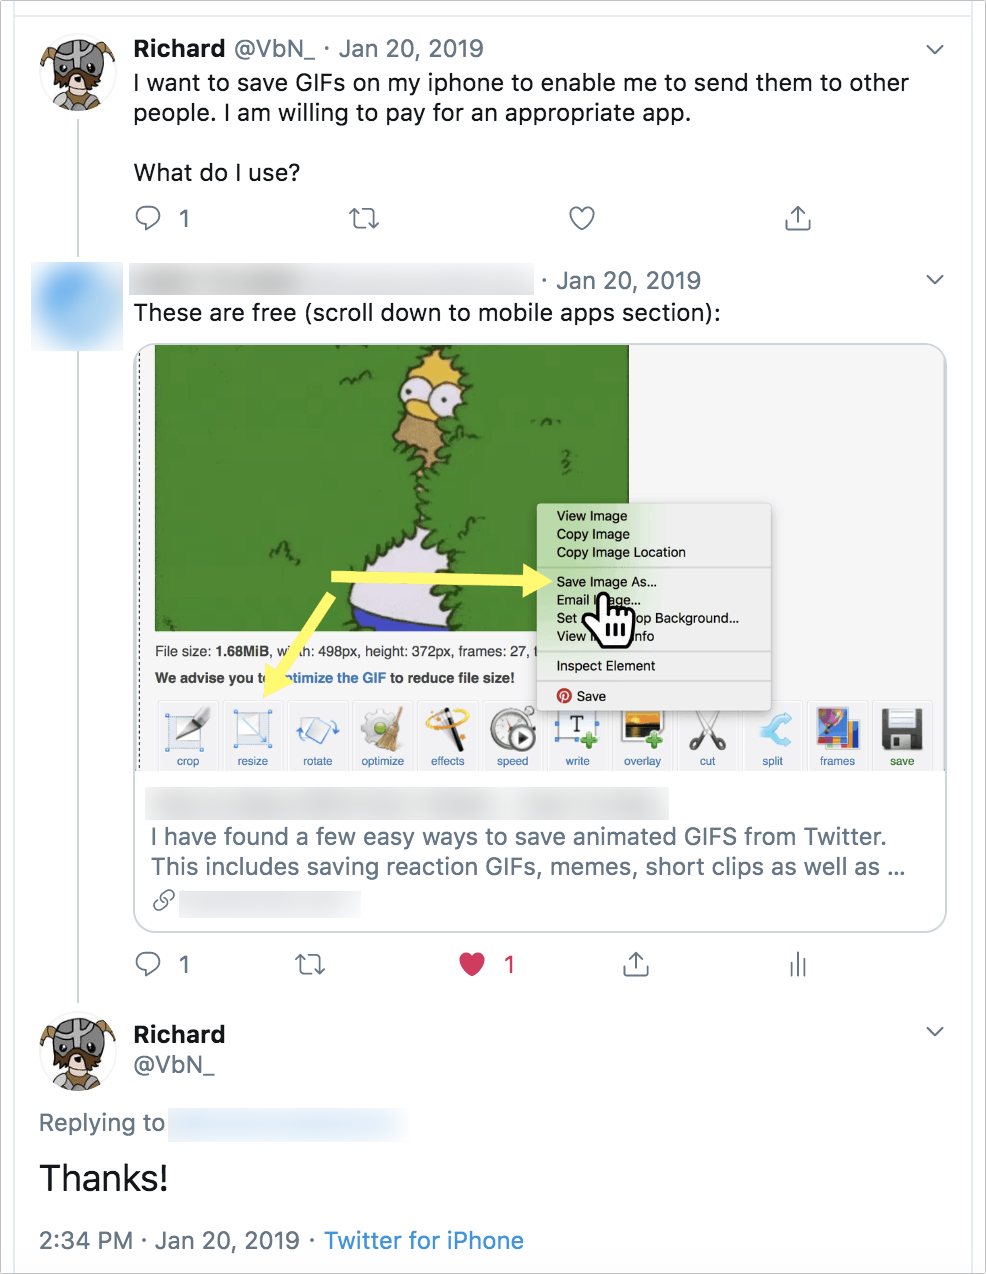 esempio di guadagno di un clic basato sulla risposta a una domanda dell'utente.